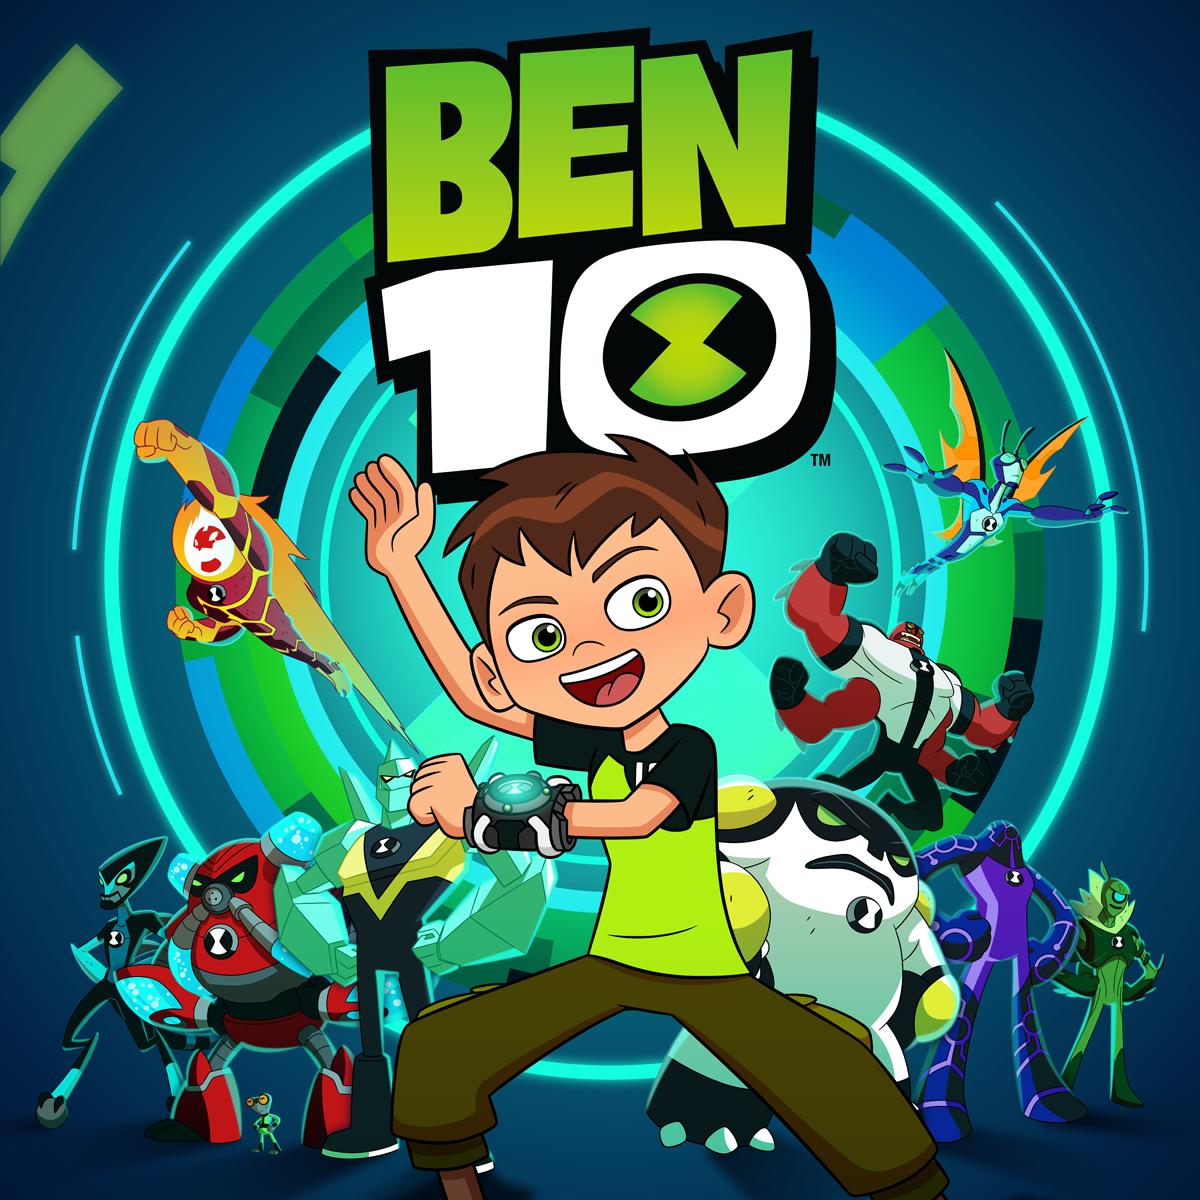 Cartoon network on twitter in 2017 ben comes back to cartoon network ben10 - Ben 10 images ...